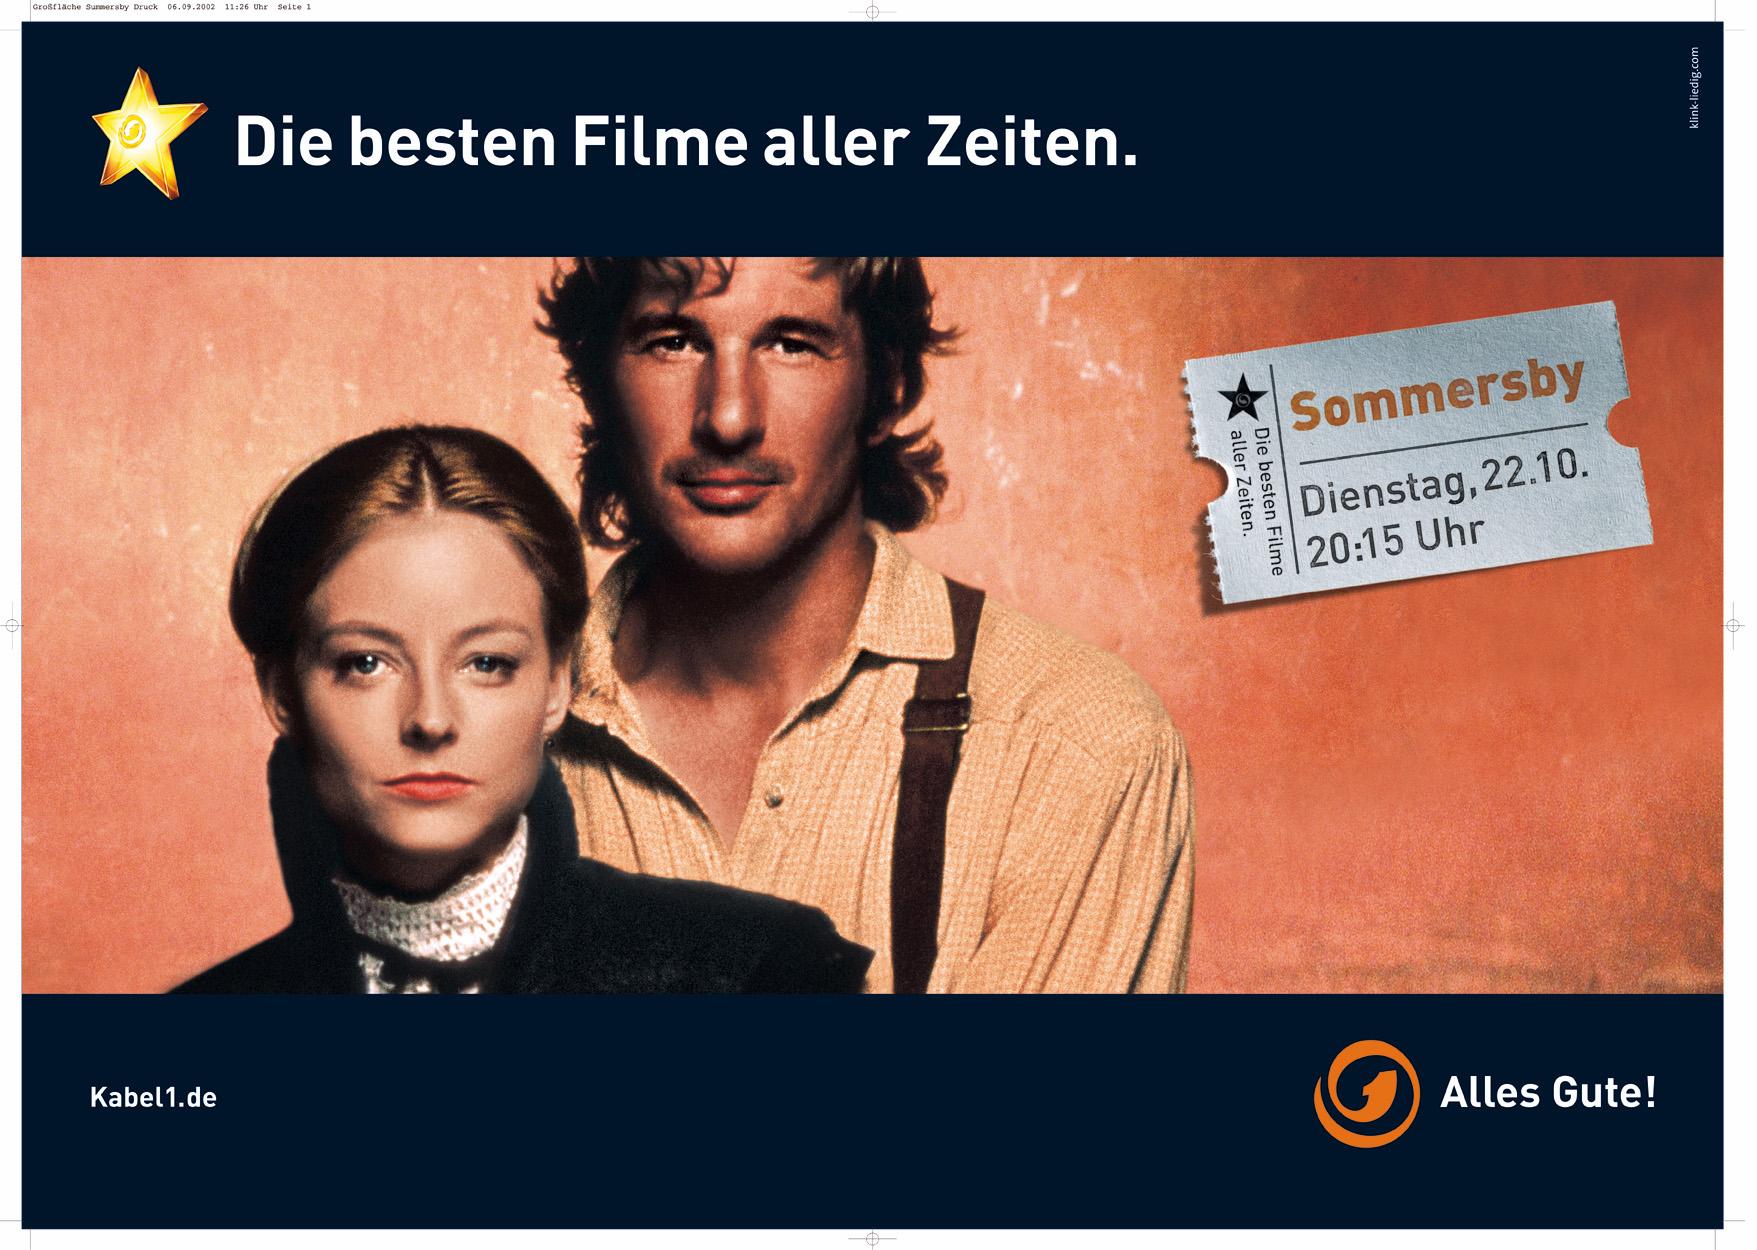 Bundesweite Herbstkampagne von Kabel 1 : Die besten Filme